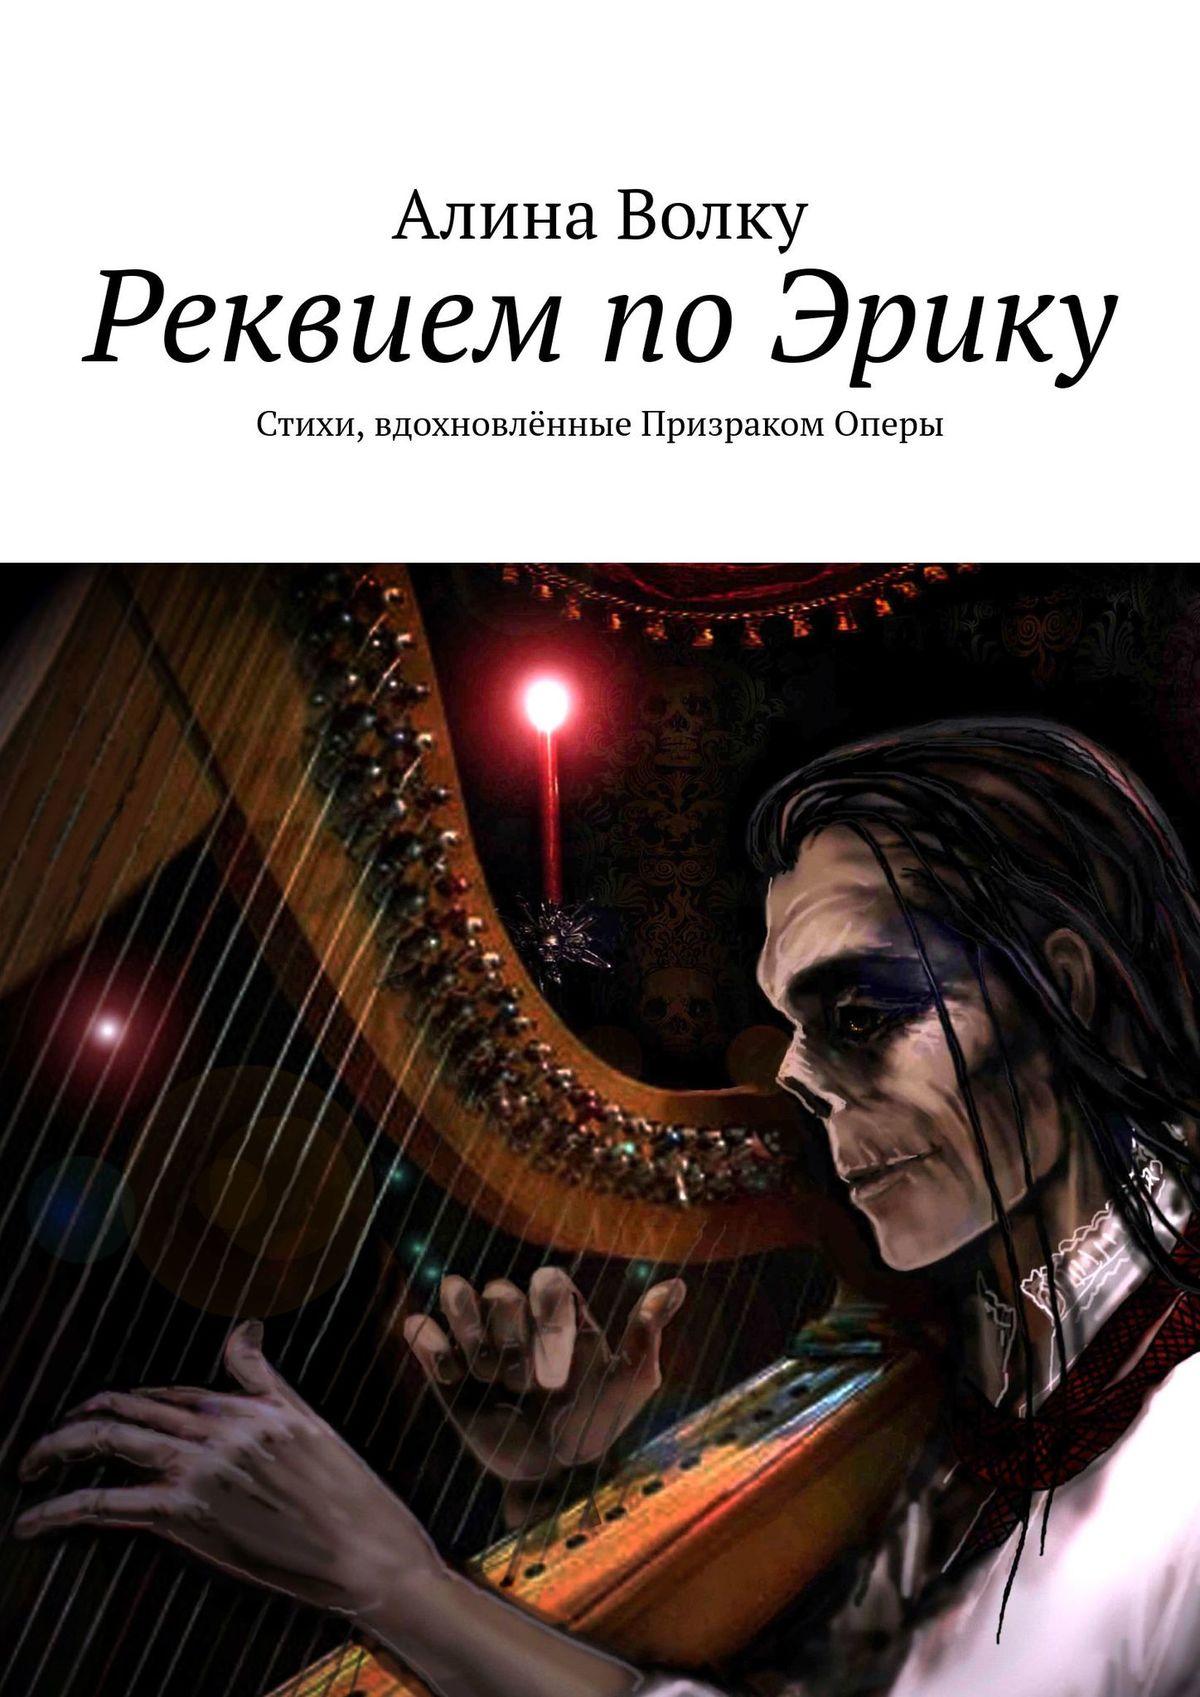 Алина Волку Реквием поЭрику. Стихи, вдохновлённые Призраком Оперы цена